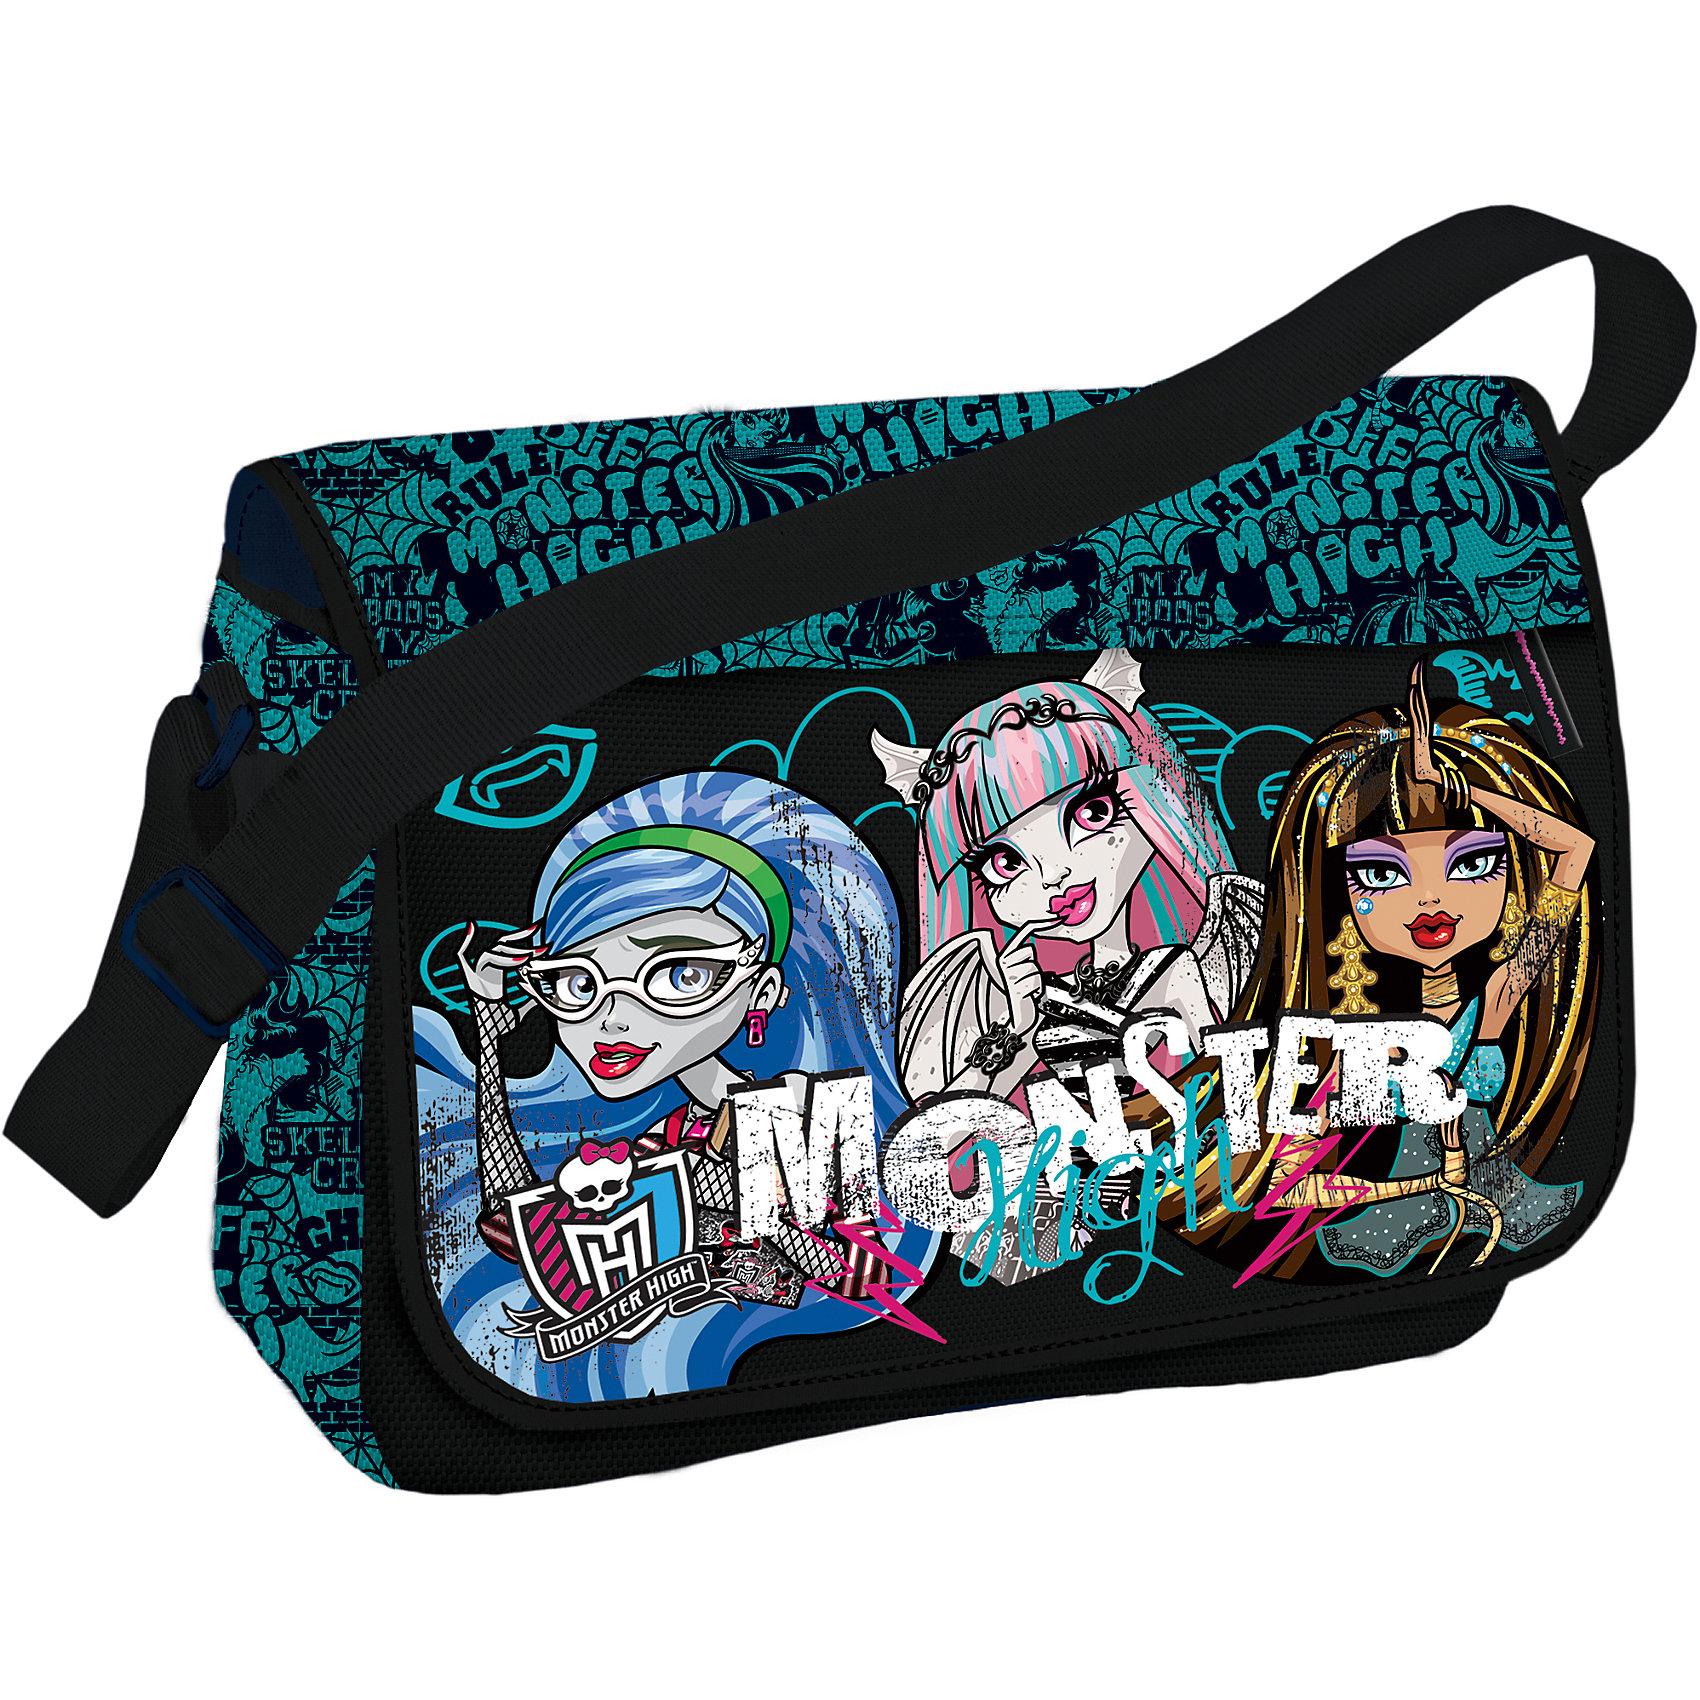 Сумка, Monster HighШкольные сумки<br>Сумка, Monster High (Монстр Хай) – стильный аксессуар для вашей юной модницы.<br>Стильная сумка Monster High несомненно понравится Вашей малышке, выполнена в оригинальном дизайне, в виде принта используется герои из всеми любимого мультфильма Monster High. Сумочка очень вместительная и удобная в использовании, имеет одно большое отделение с внутренними кармашками. Сумка закрывается с помощью клапана на застежку липучка. Плечевой ремень сумки регулируется по длине, что позволяет отрегулировать его под любой рост девочки.<br><br>Дополнительная информация:<br><br>- Материал: полиэстер<br>- Размер: 24х33х12 см.<br><br>Сумку, Monster High (Монстр Хай) можно купить в нашем интернет-магазине.<br><br>Ширина мм: 240<br>Глубина мм: 330<br>Высота мм: 120<br>Вес г: 393<br>Возраст от месяцев: 120<br>Возраст до месяцев: 144<br>Пол: Женский<br>Возраст: Детский<br>SKU: 3563211